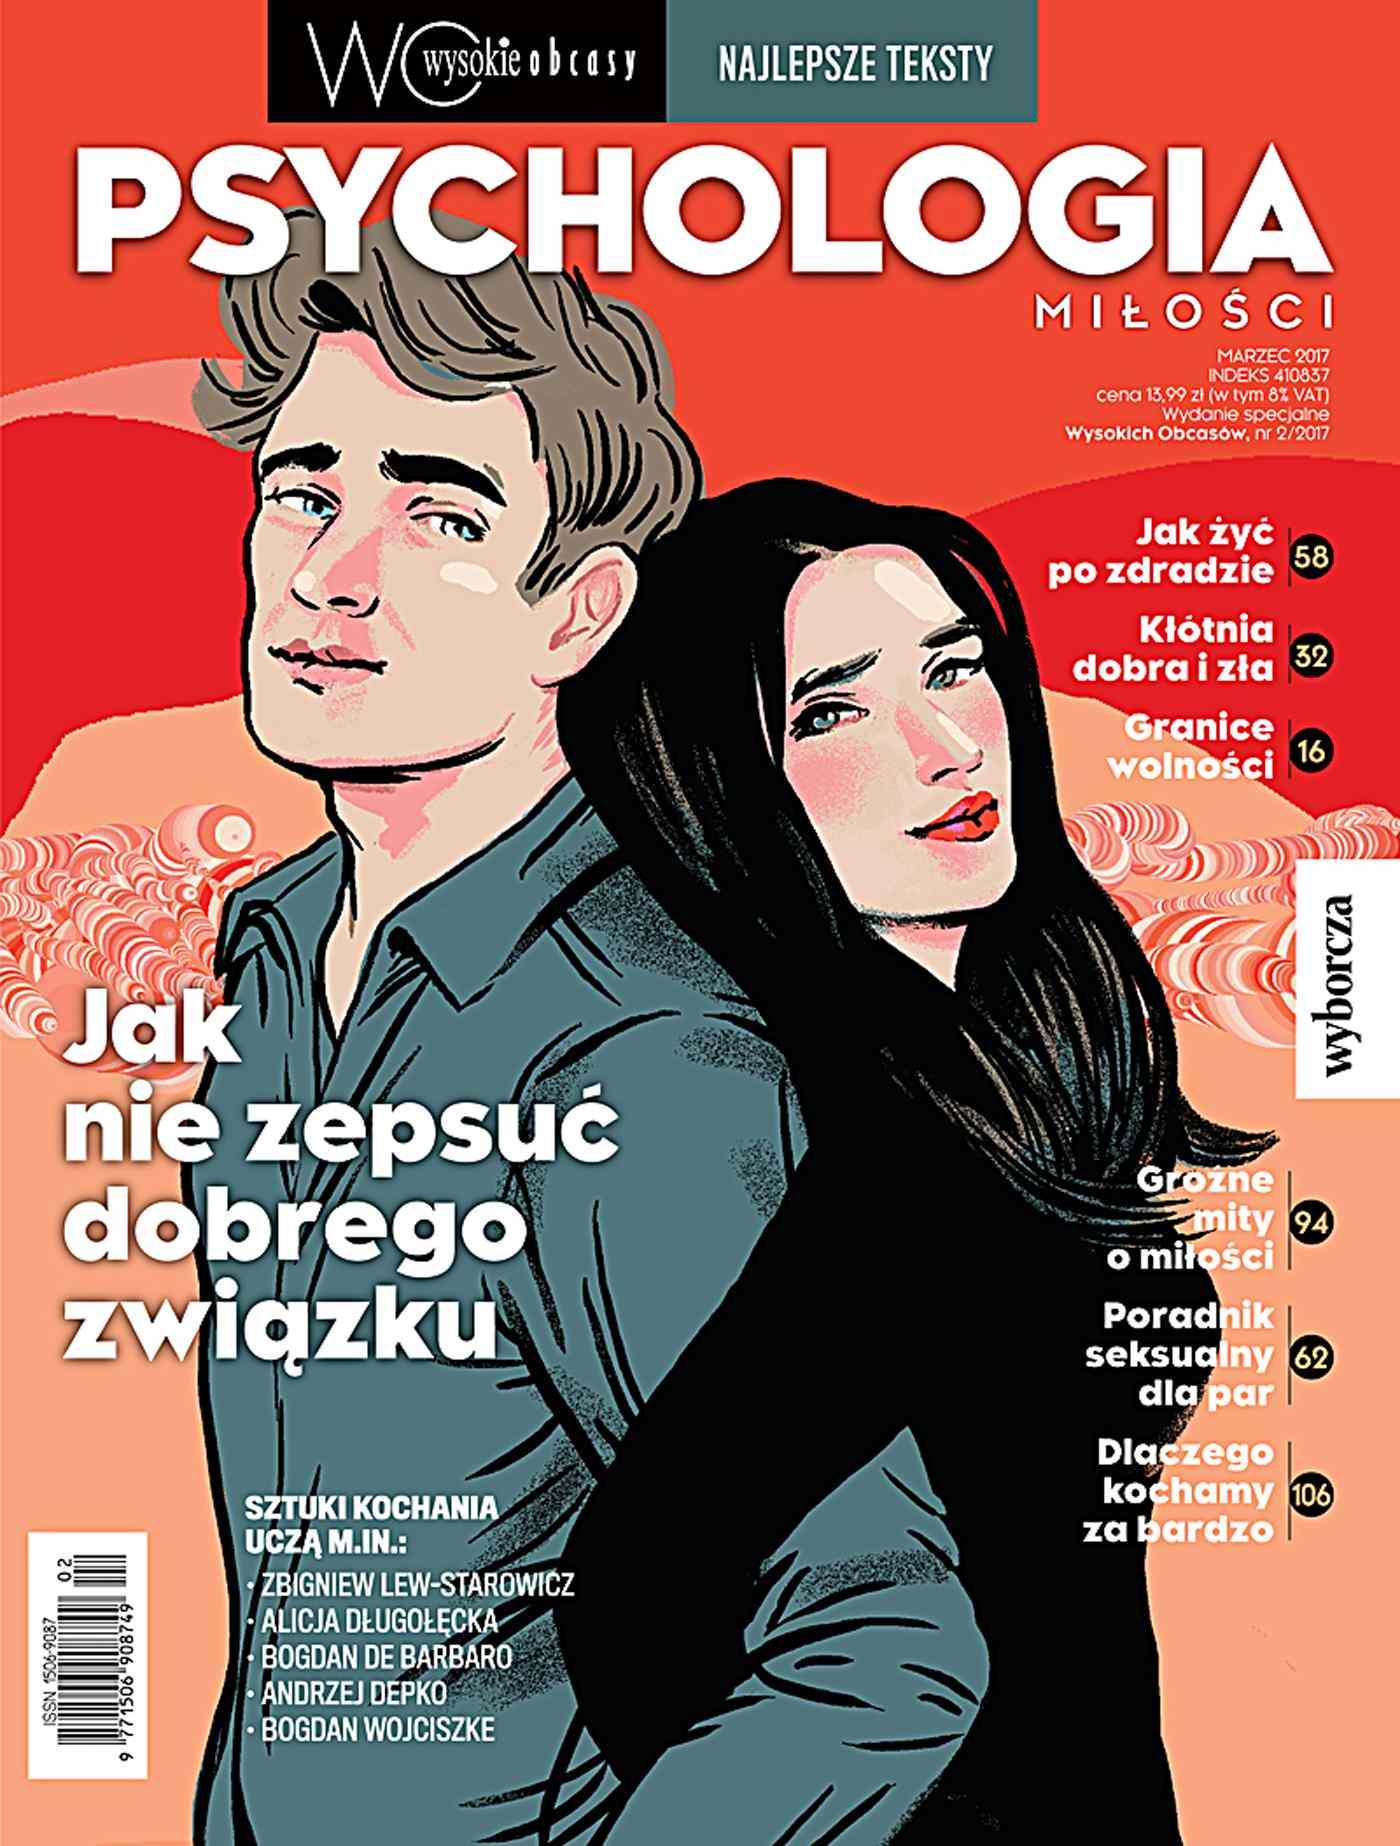 Najlepsze teksty. Psychologia miłości. Wysokie Obcasy. Wydanie Specjalne - Ebook (Książka na Kindle) do pobrania w formacie MOBI